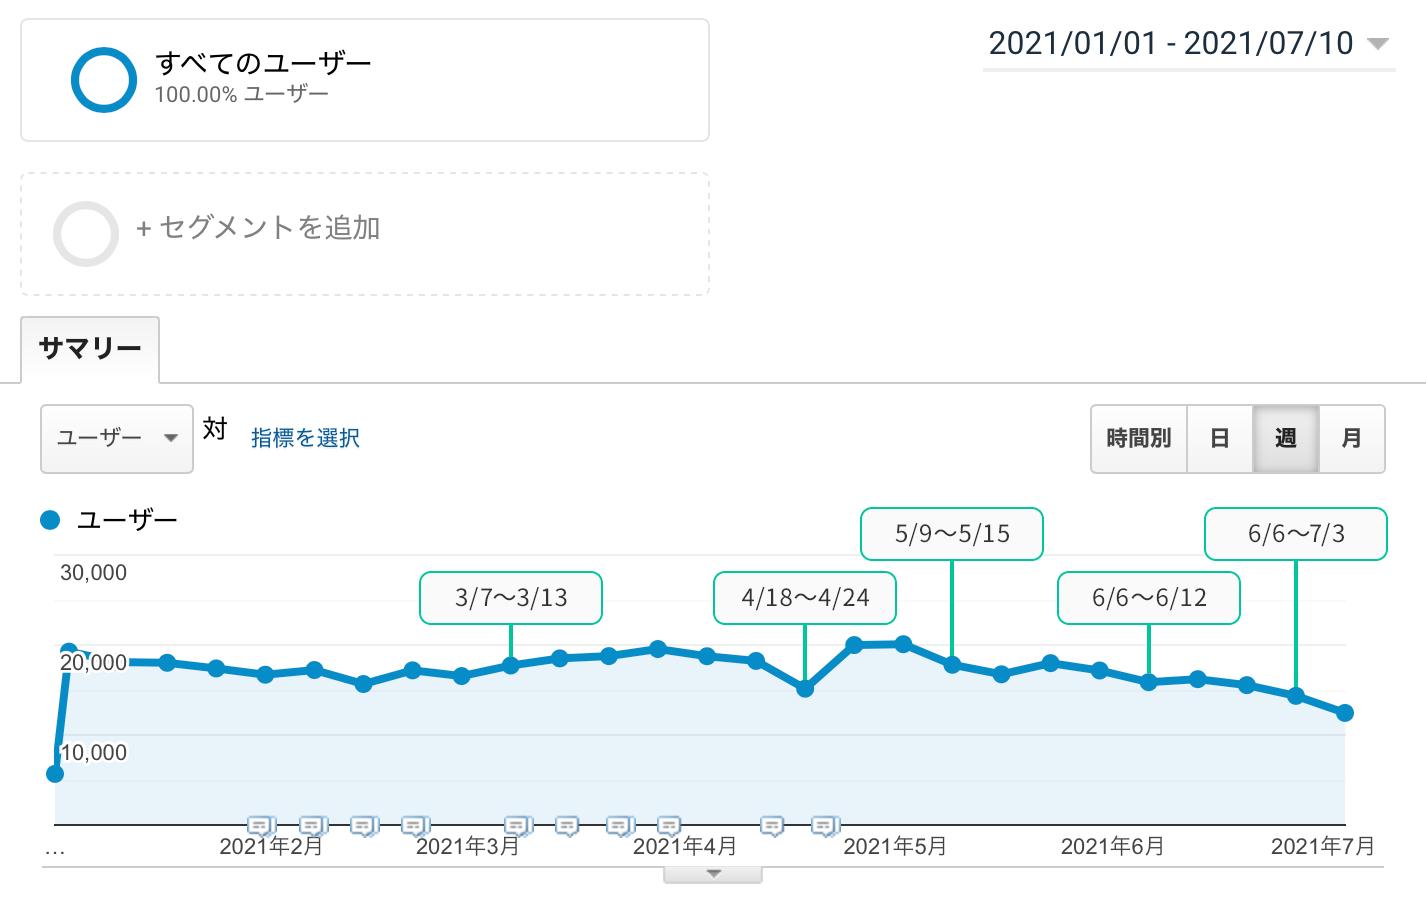 2021年1月1日〜2021年7月10日のユーザー数の推移